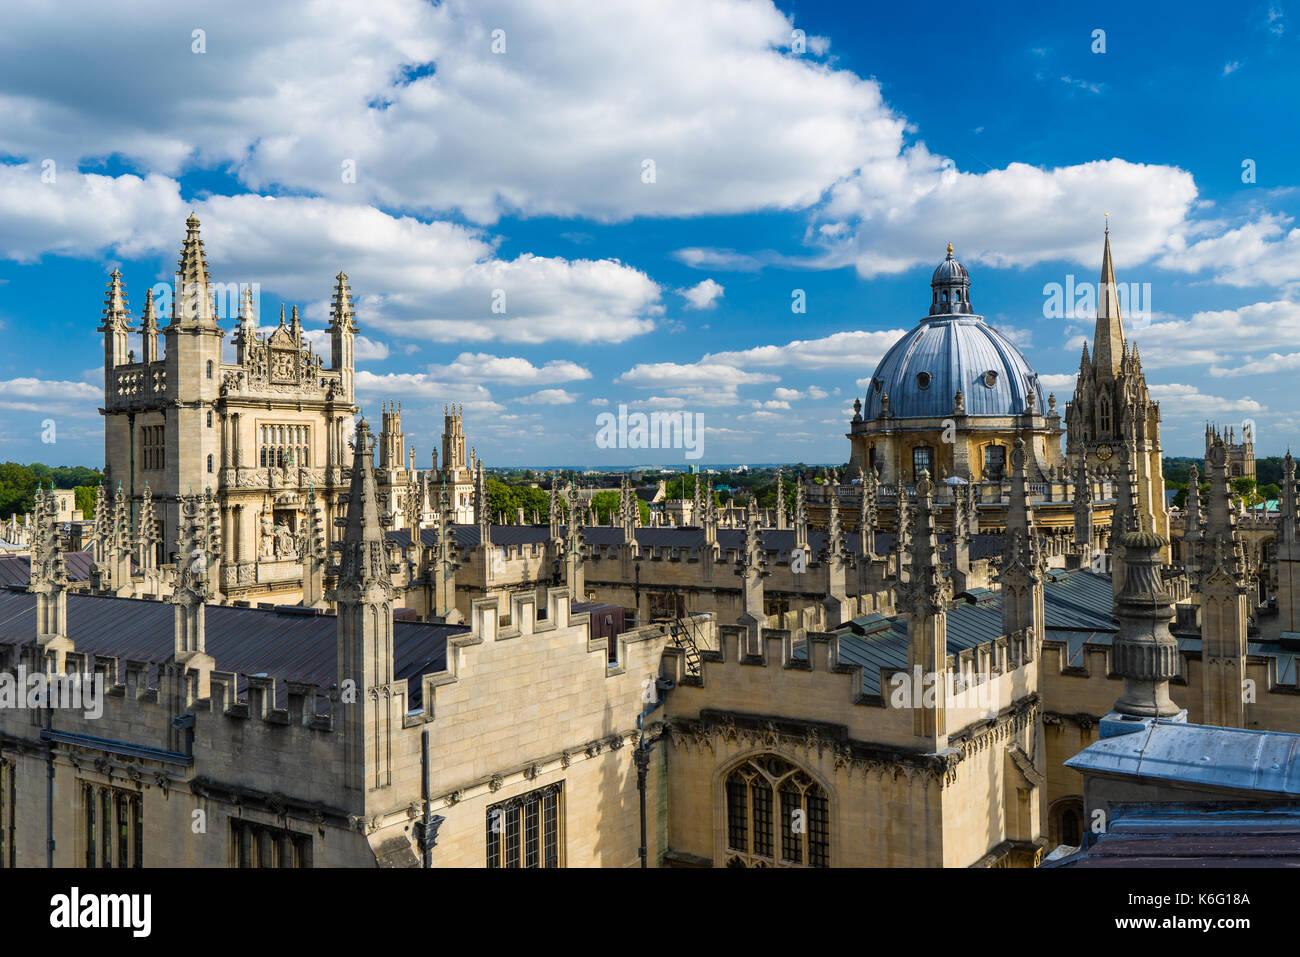 Une vue sur la ville à partir de la coupole de l'Sheldonian Theatre, Oxford, Angleterre. Photo Stock